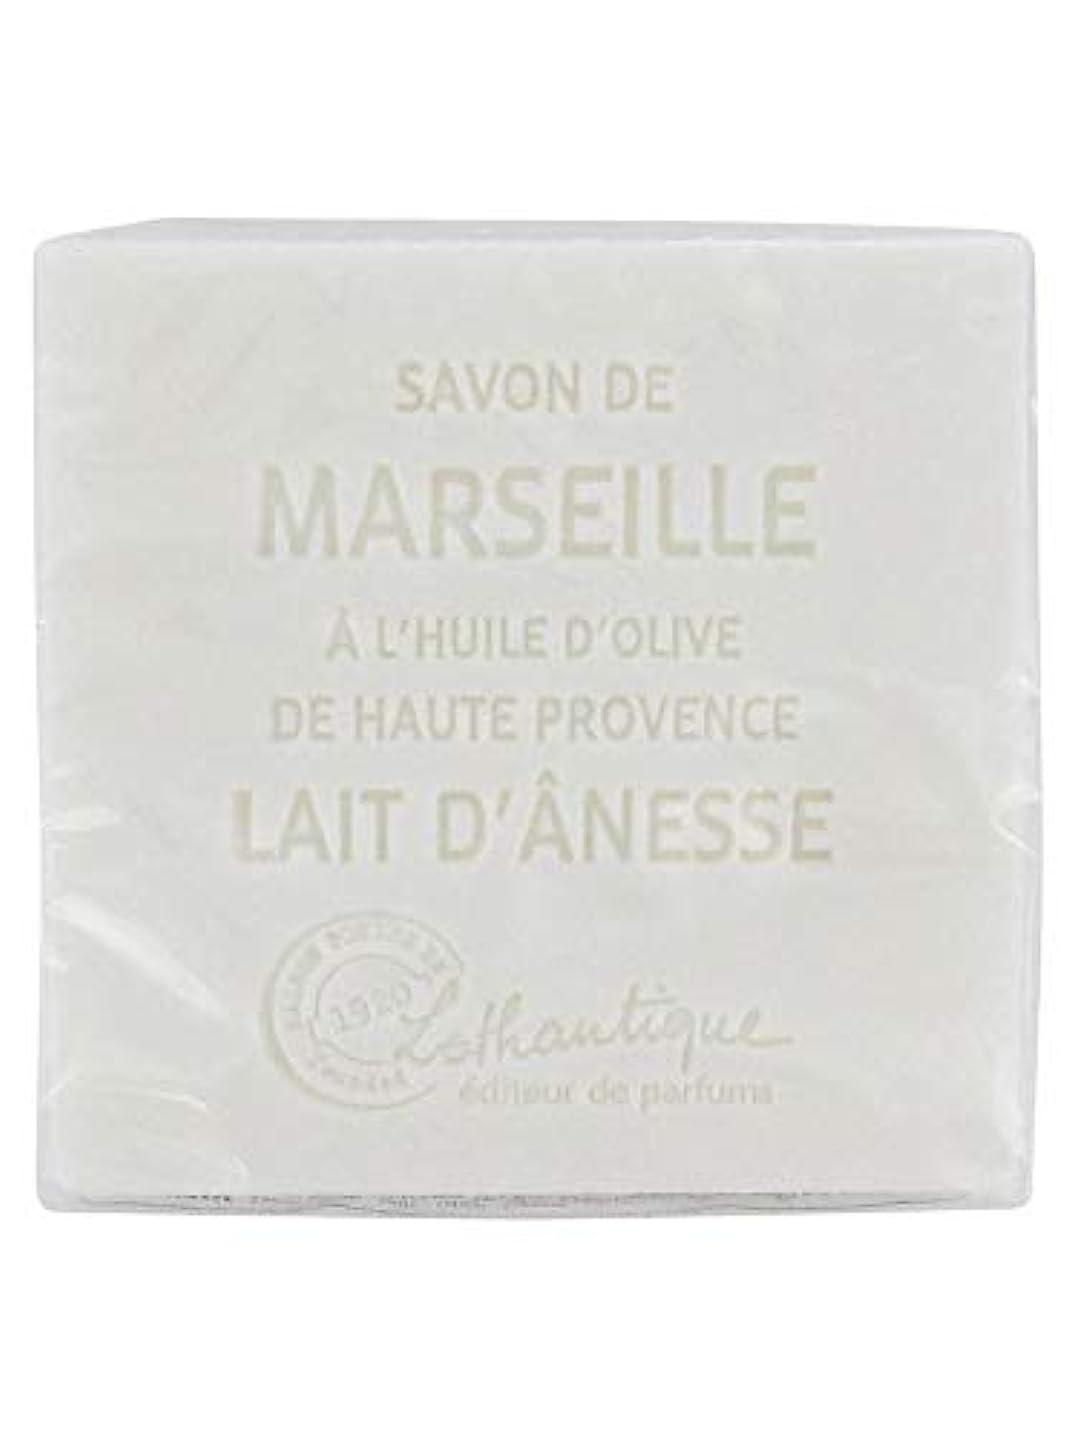 地獄実り多い折Lothantique(ロタンティック) Les savons de Marseille(マルセイユソープ) マルセイユソープ 100g 「ミルク(ロバミルク)」 3420070038043